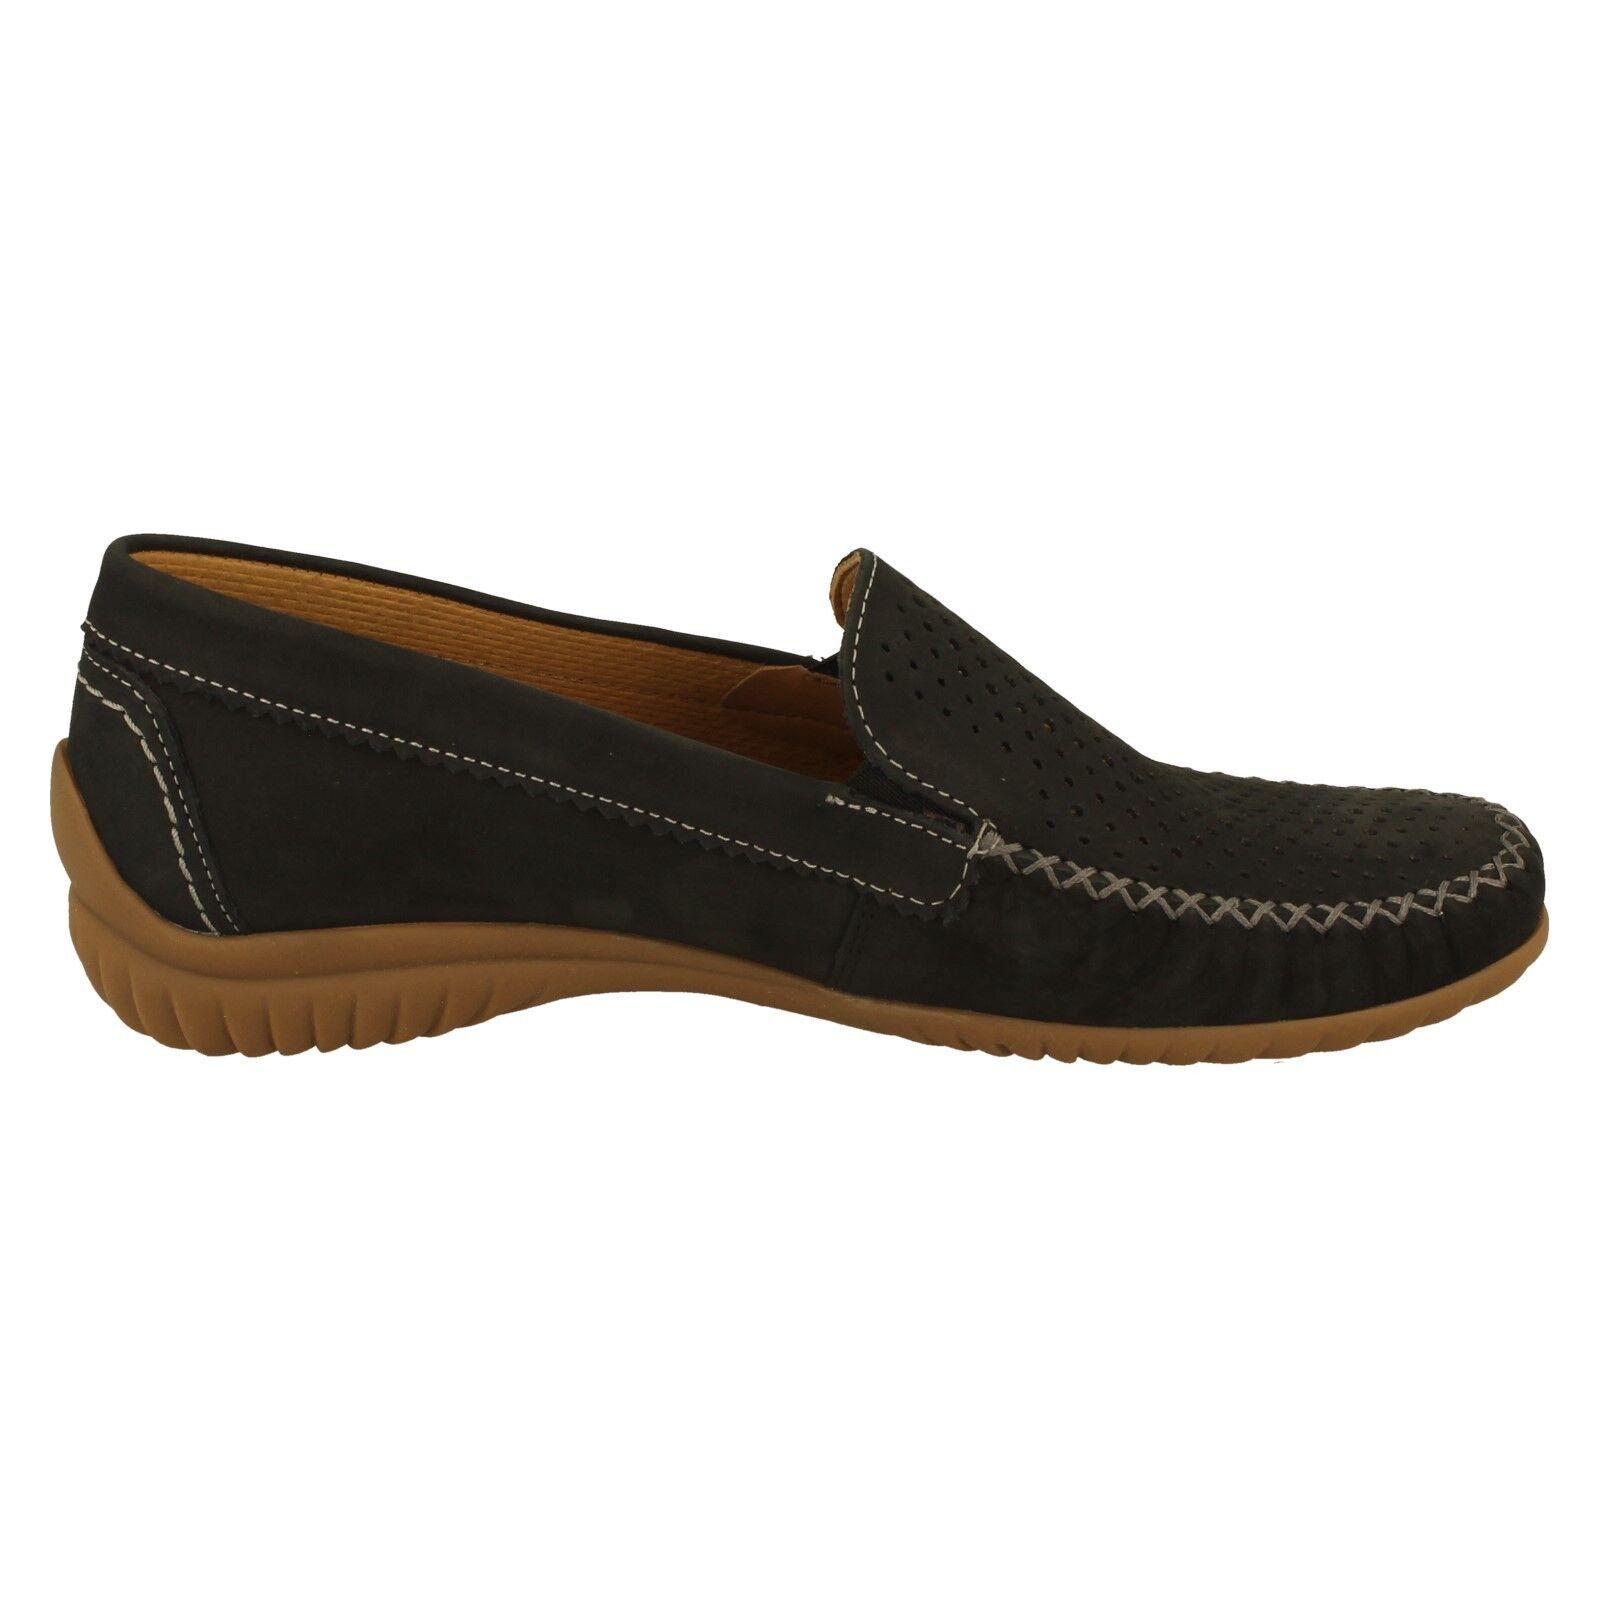 Damen Gabor Schuhe - - - Sharona 86094    dc4192